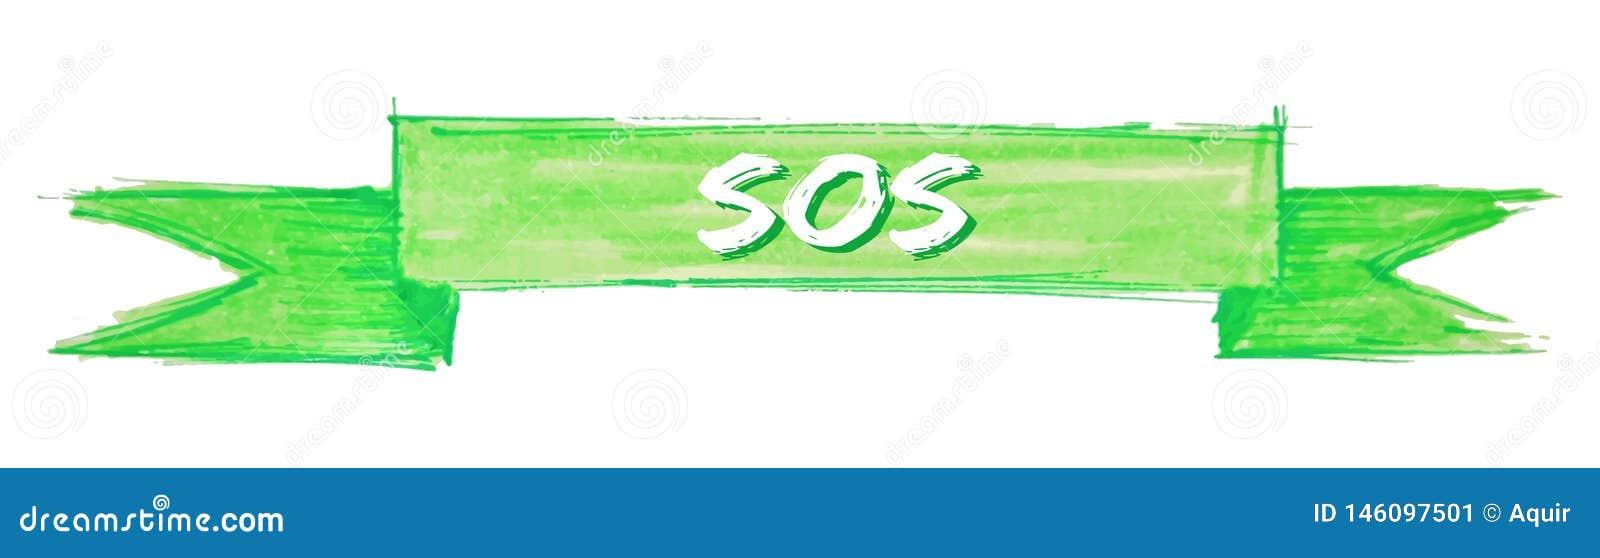 Sos-band